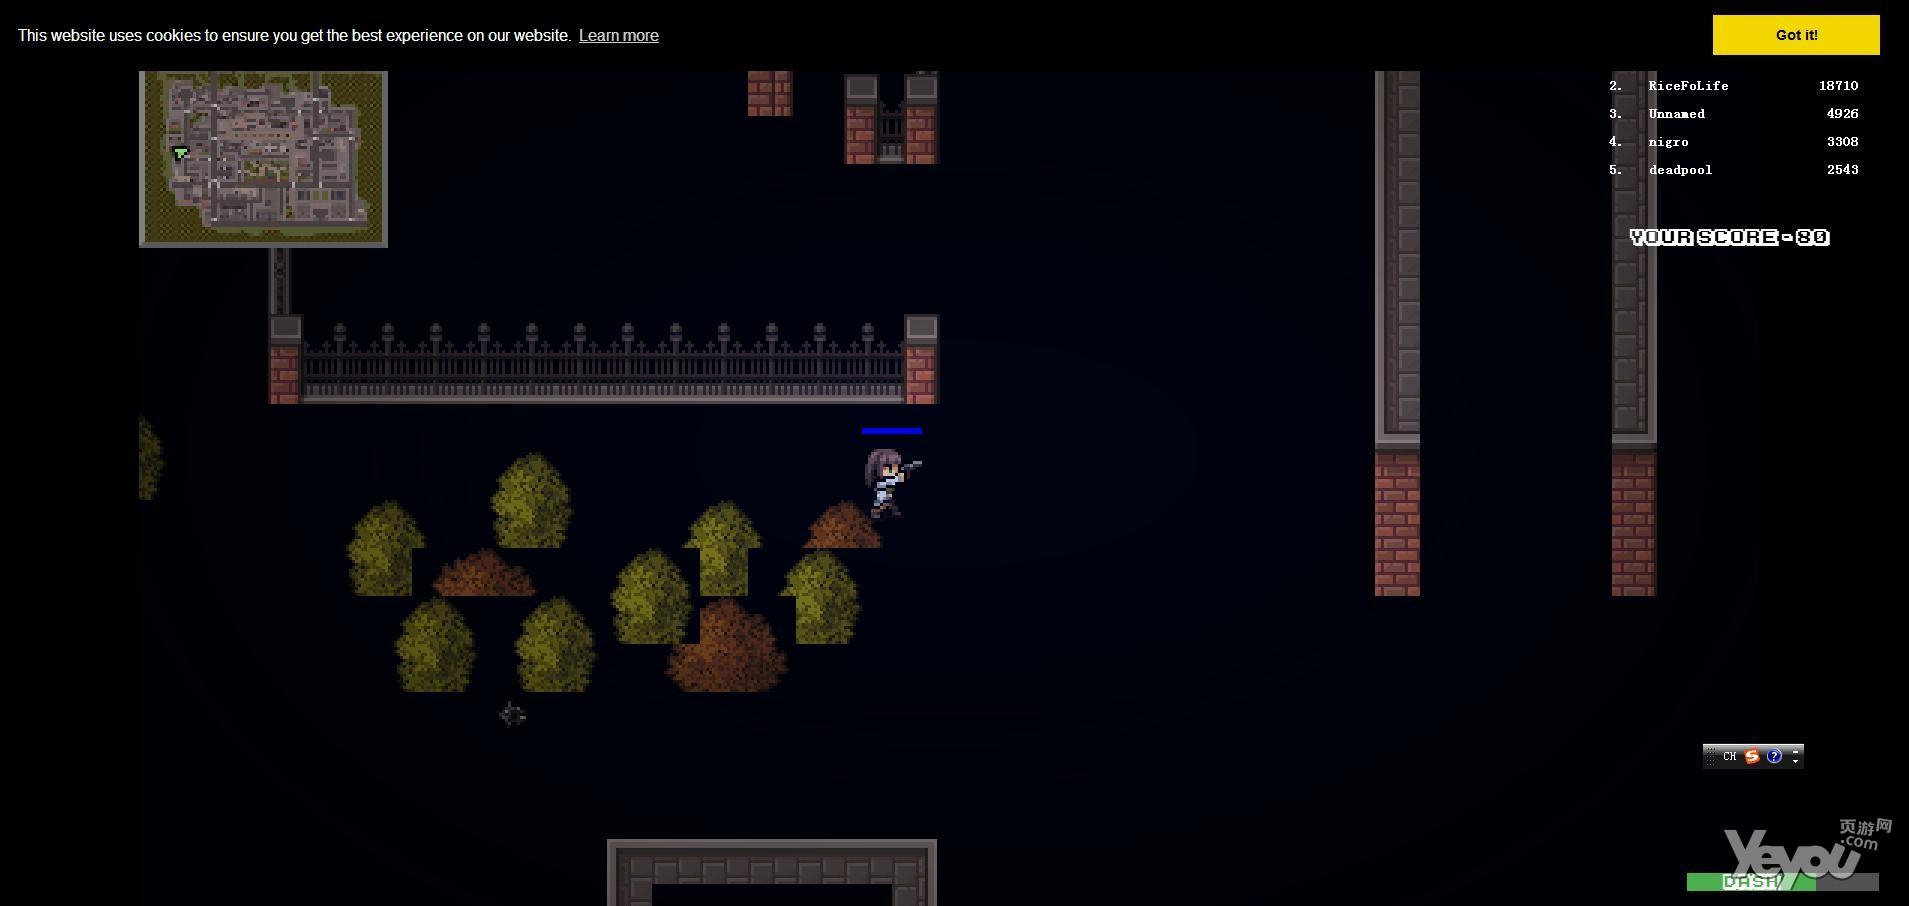 《生存启示录》游戏截图